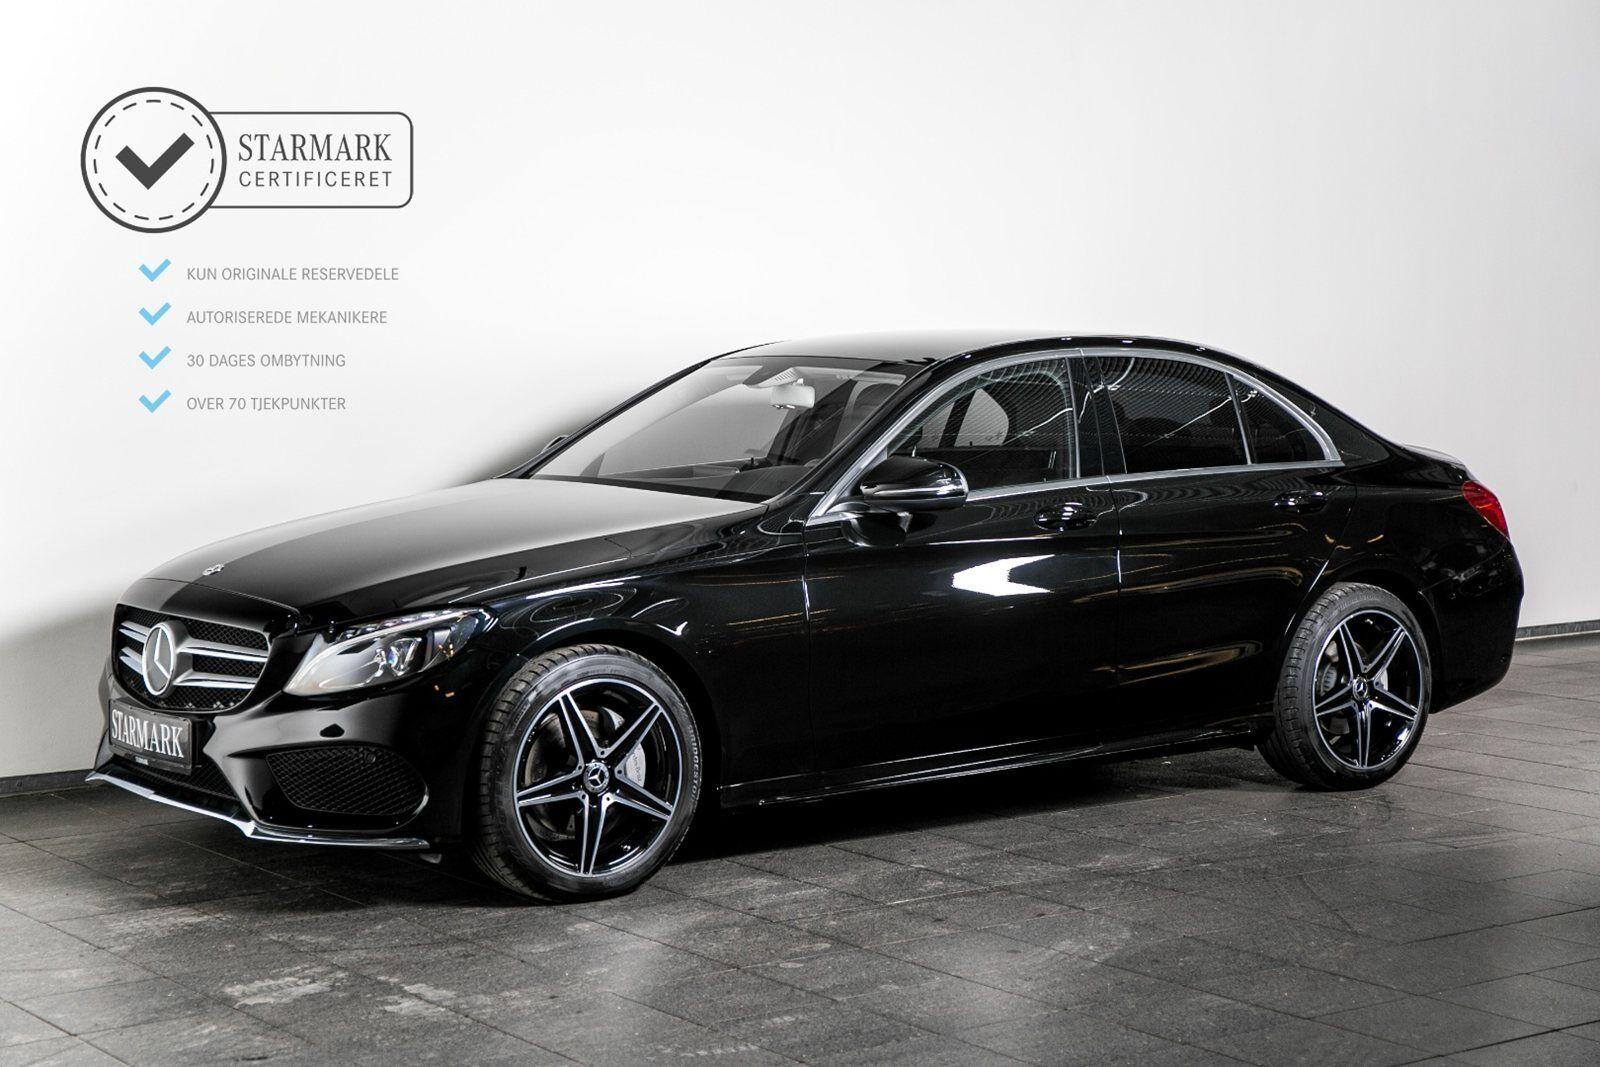 Mercedes C200 2,0 AMG Line aut. 4d - 429.900 kr.